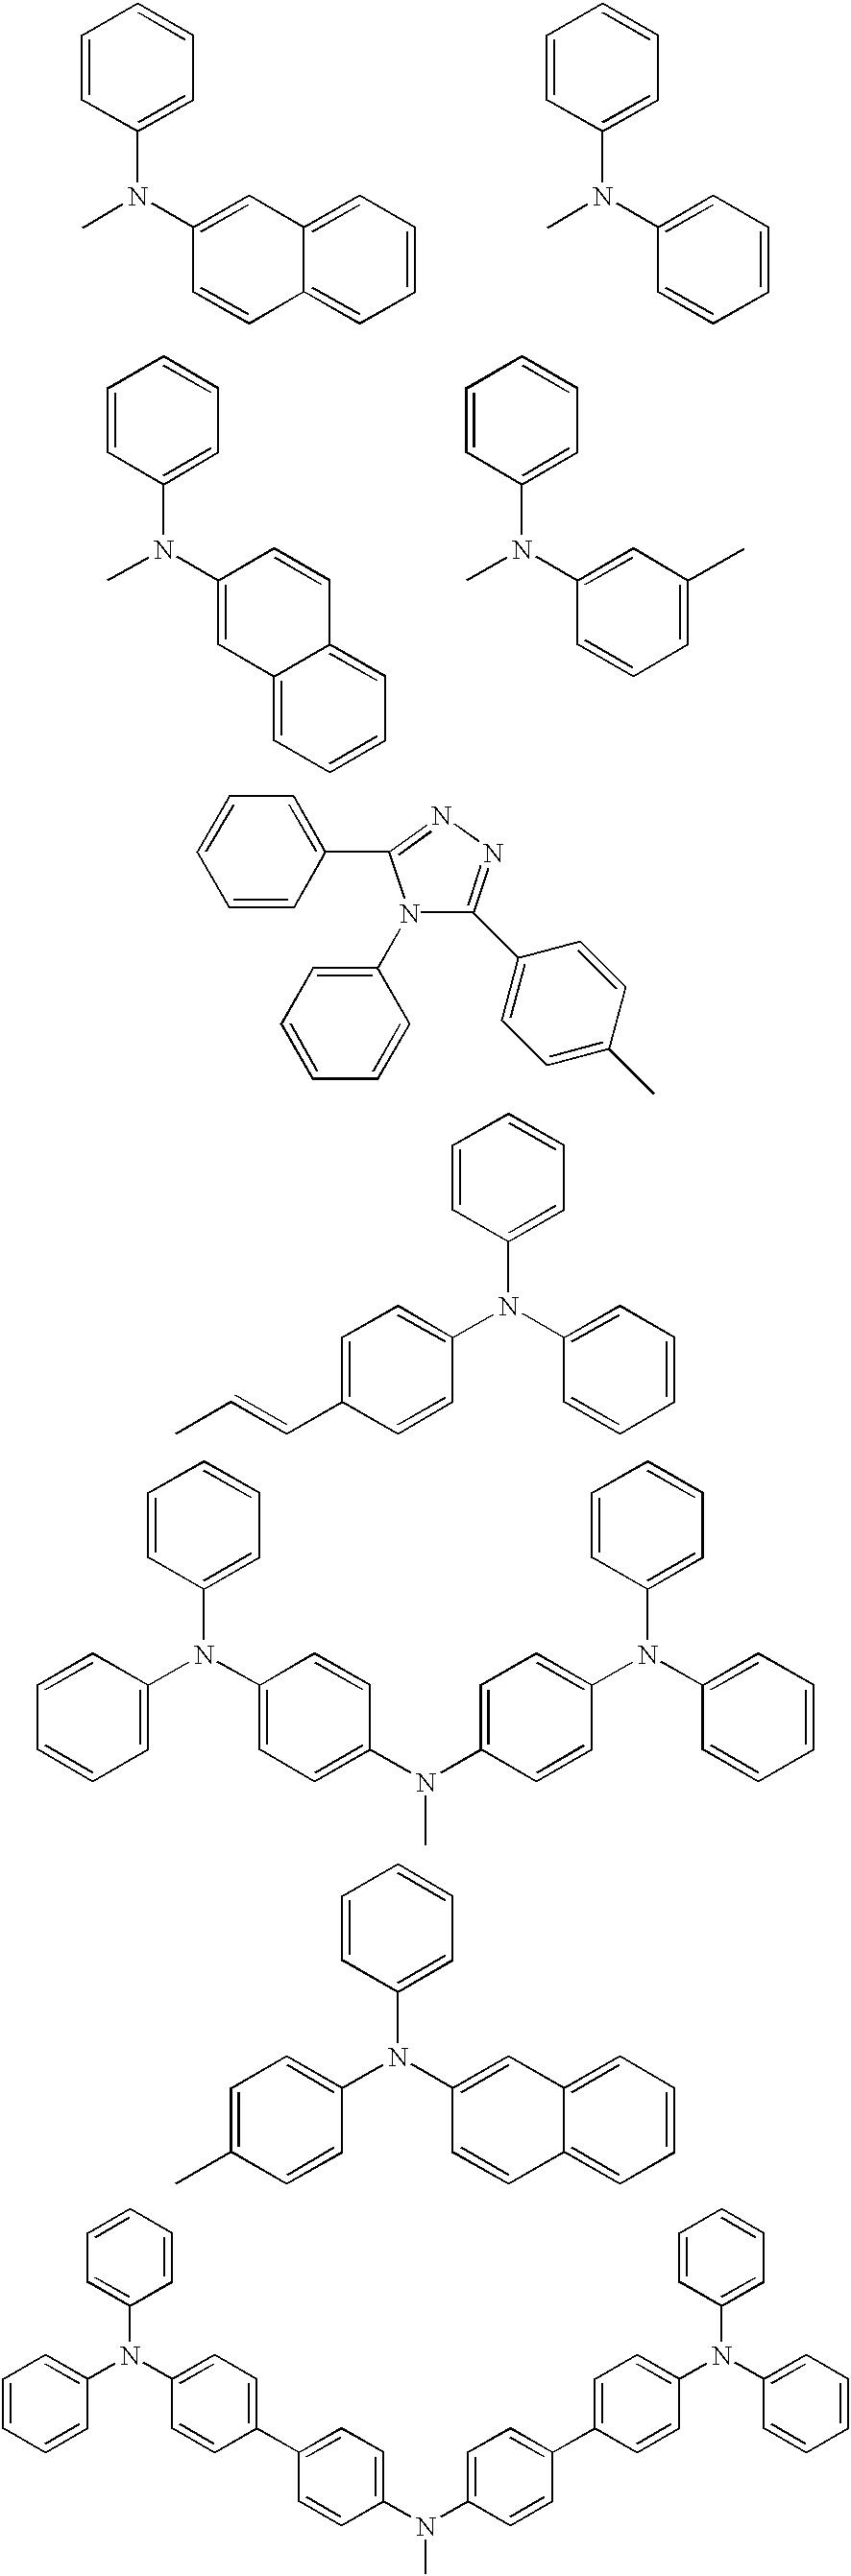 Figure US20030064248A1-20030403-C00005